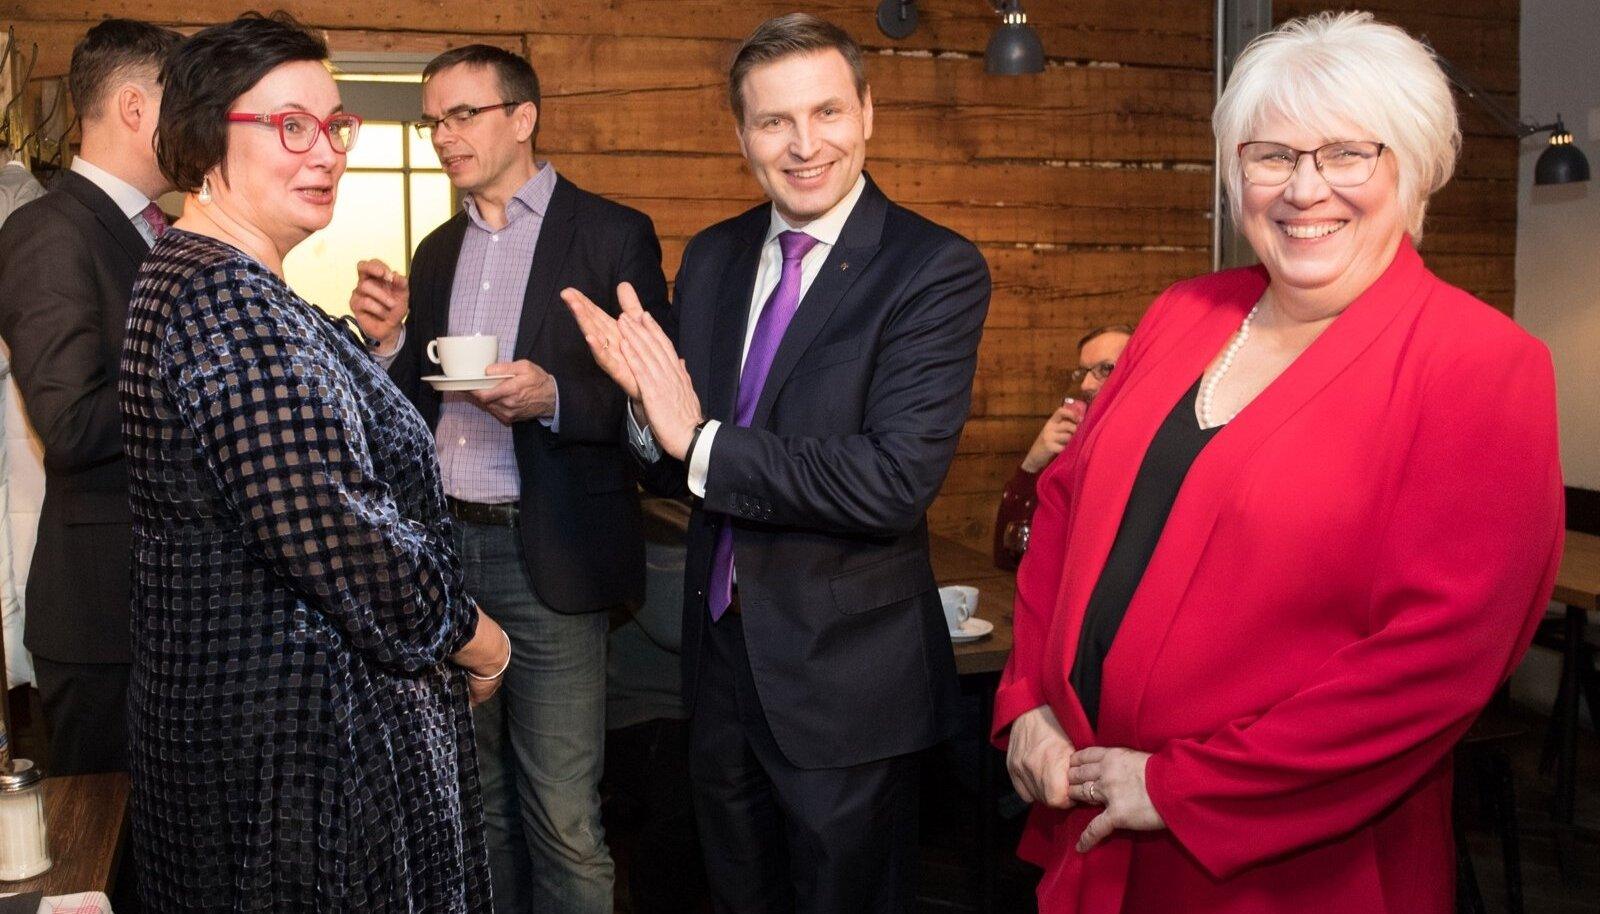 Sotsiaaldemokraatliku erakonna valimispidu pubis Pööbel.